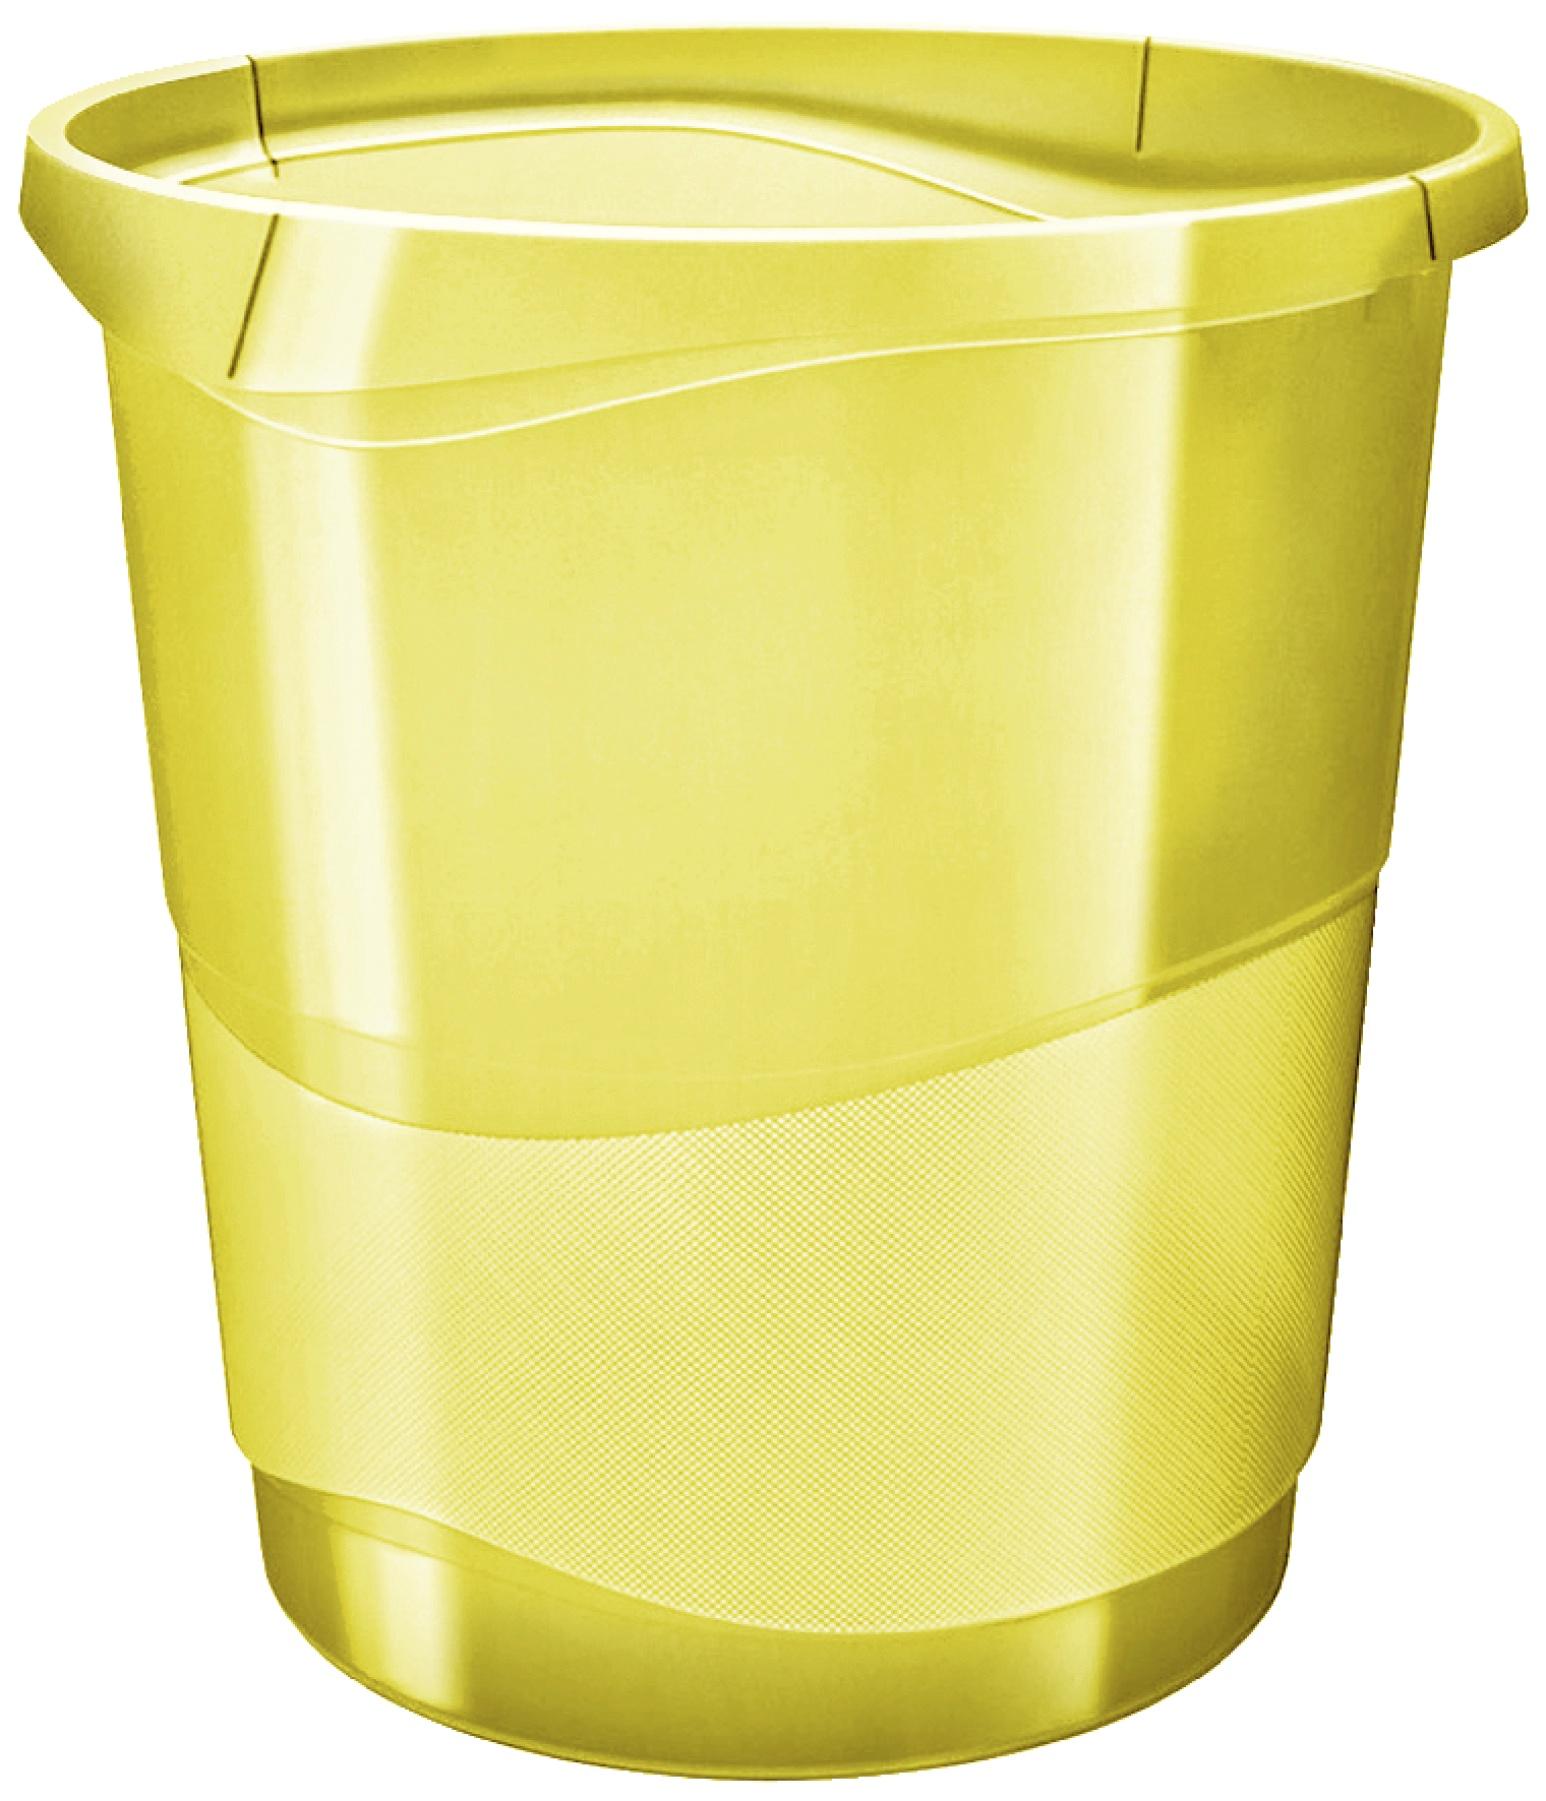 Корзина для мусора Esselte Colour'Ice, желтый, 14 л корзина для бумаг цельнолитая синяя 13 литров